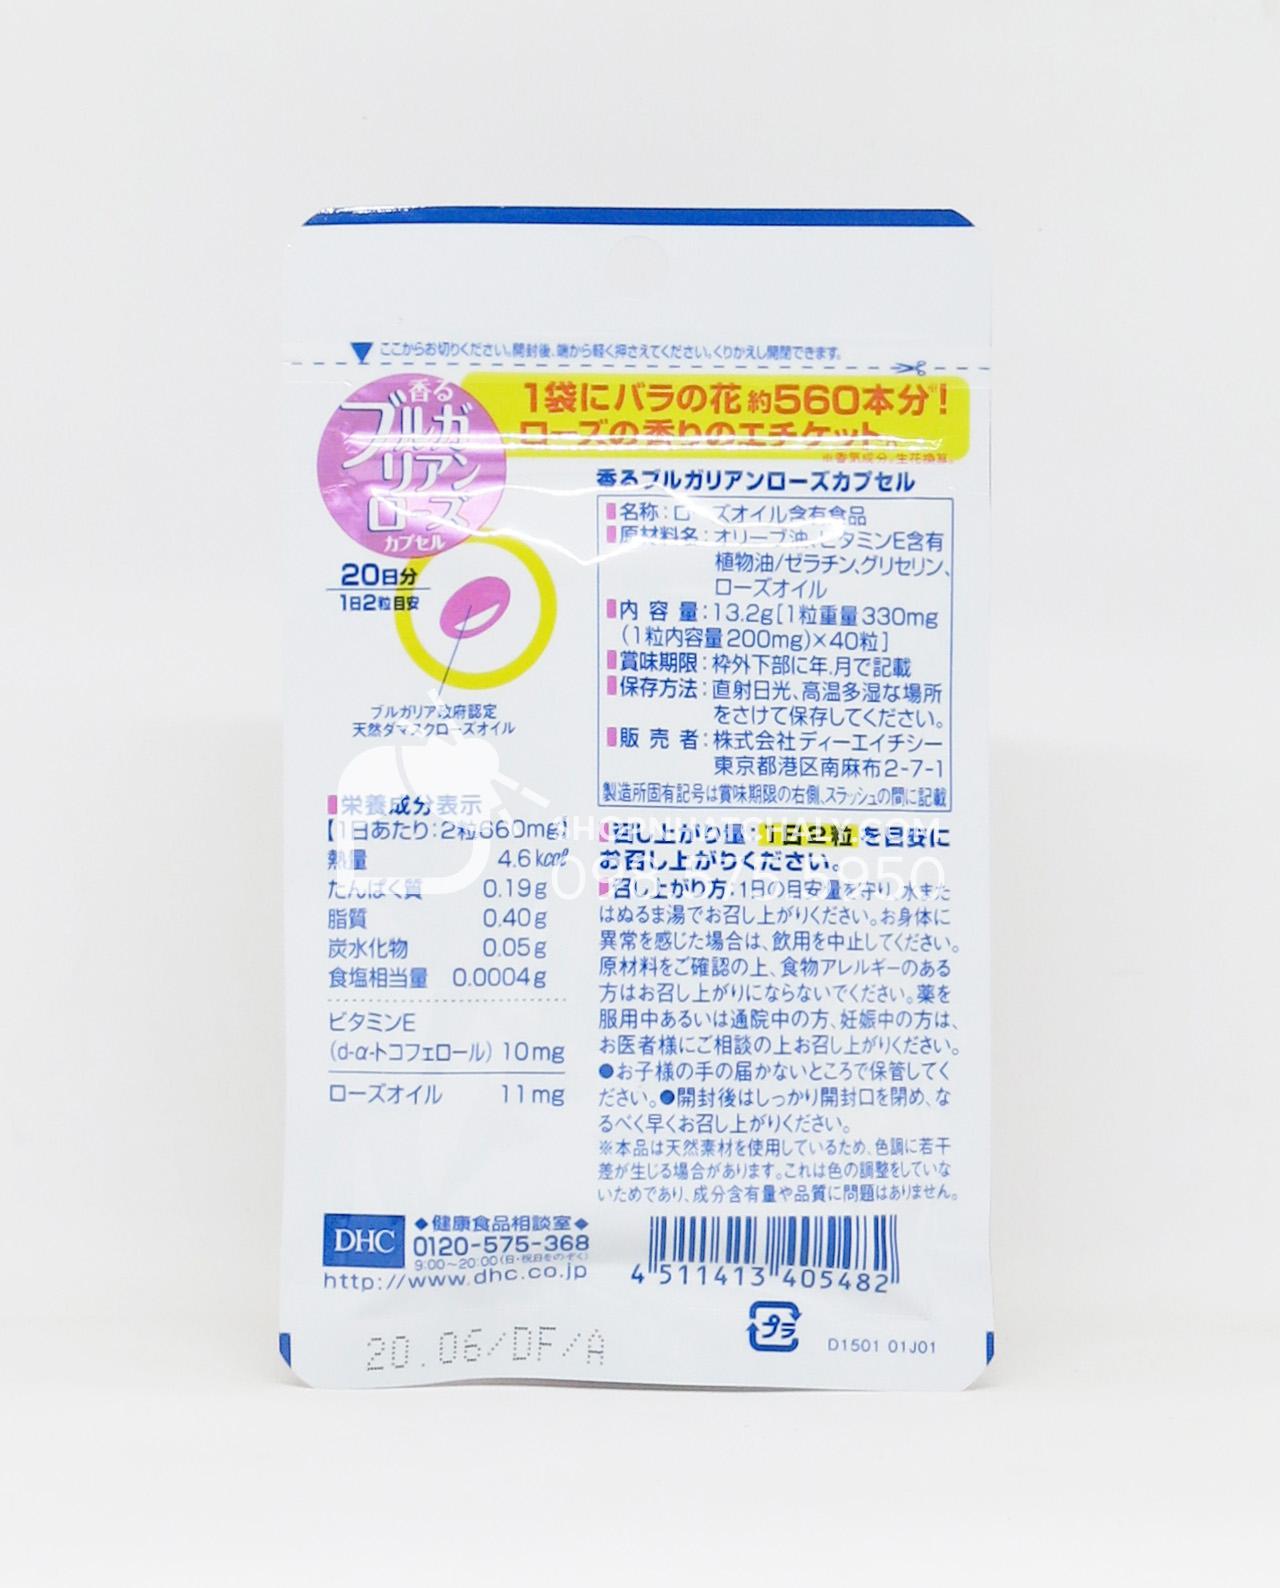 Viên uống thơm cơ thể DHC Nhật Bản tinh dầu hoa hồng Bulgaria - thông tin sản phẩm